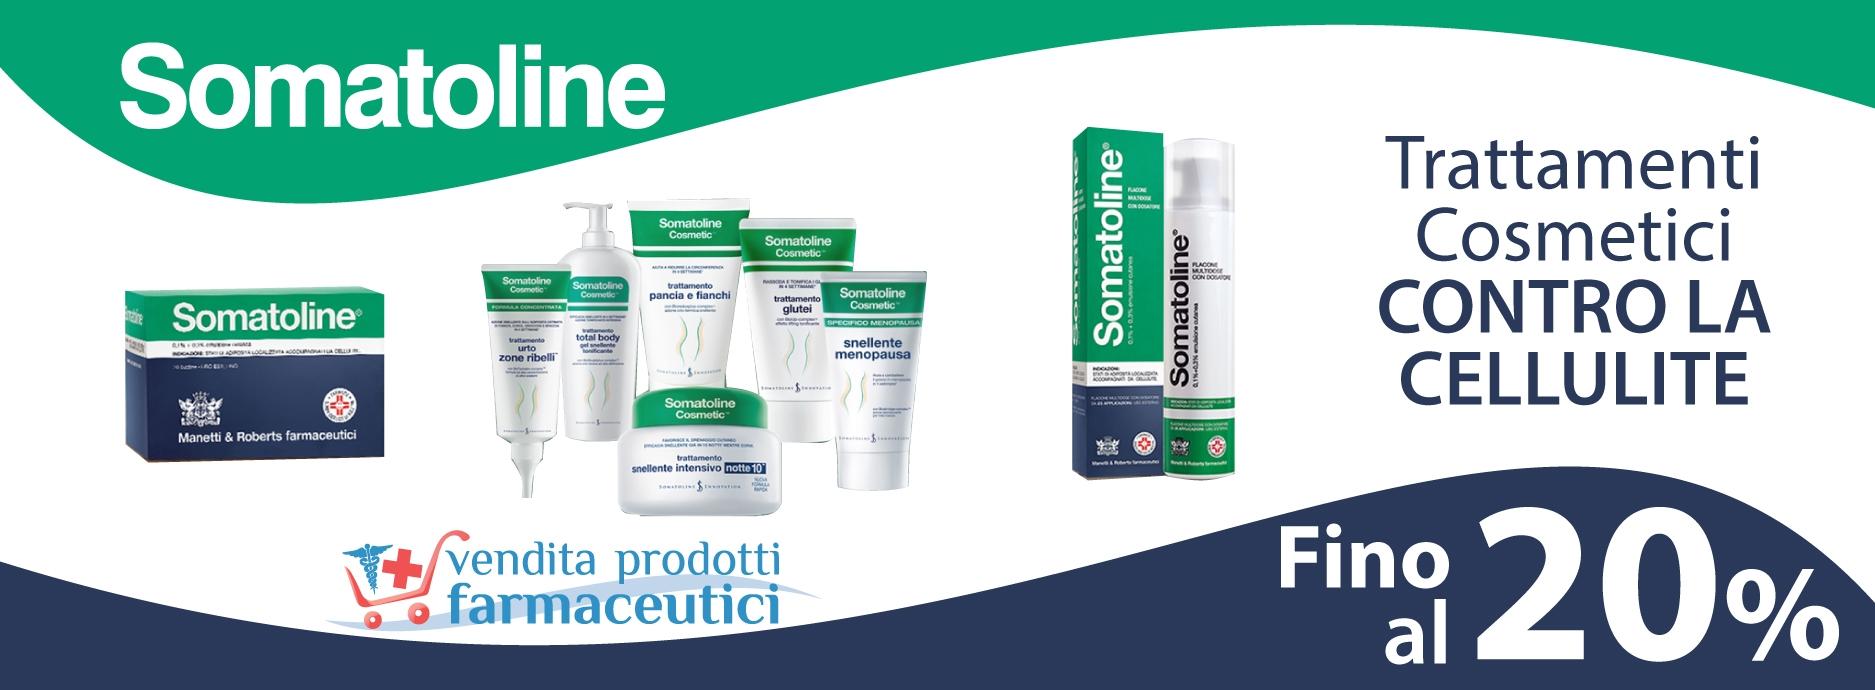 Offerta Somatoline